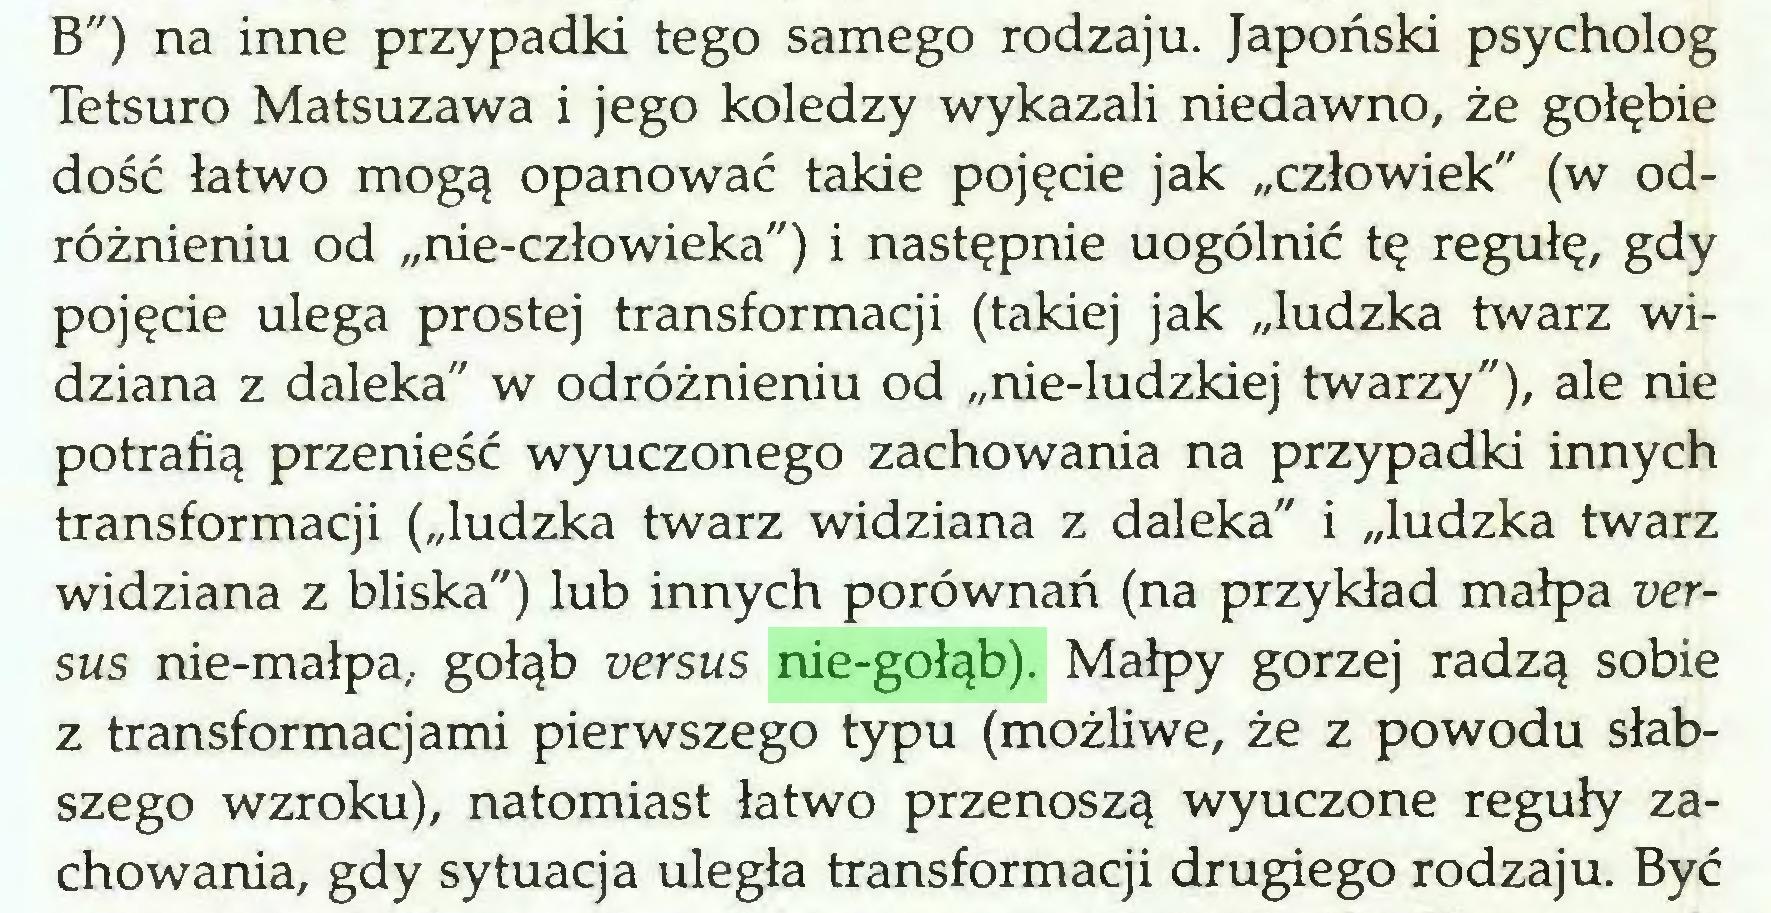 """(...) B"""") na inne przypadki tego samego rodzaju. Japoński psycholog Tetsuro Matsuzawa i jego koledzy wykazali niedawno, że gołębie dość łatwo mogą opanować takie pojęcie jak """"człowiek"""" (w odróżnieniu od """"nie-człowieka"""") i następnie uogólnić tę regułę, gdy pojęcie ulega prostej transformacji (takiej jak """"ludzka twarz widziana z daleka"""" w odróżnieniu od """"nie-ludzkiej twarzy""""), ale nie potrafią przenieść wyuczonego zachowania na przypadki innych transformacji (""""ludzka twarz widziana z daleka"""" i """"ludzka twarz widziana z bliska"""") lub innych porównań (na przykład małpa versus nie-małpa, gołąb versus nie-gołąb). Małpy gorzej radzą sobie z transformacjami pierwszego typu (możliwe, że z powodu słabszego wzroku), natomiast łatwo przenoszą wyuczone reguły zachowania, gdy sytuacja uległa transformacji drugiego rodzaju. Być..."""